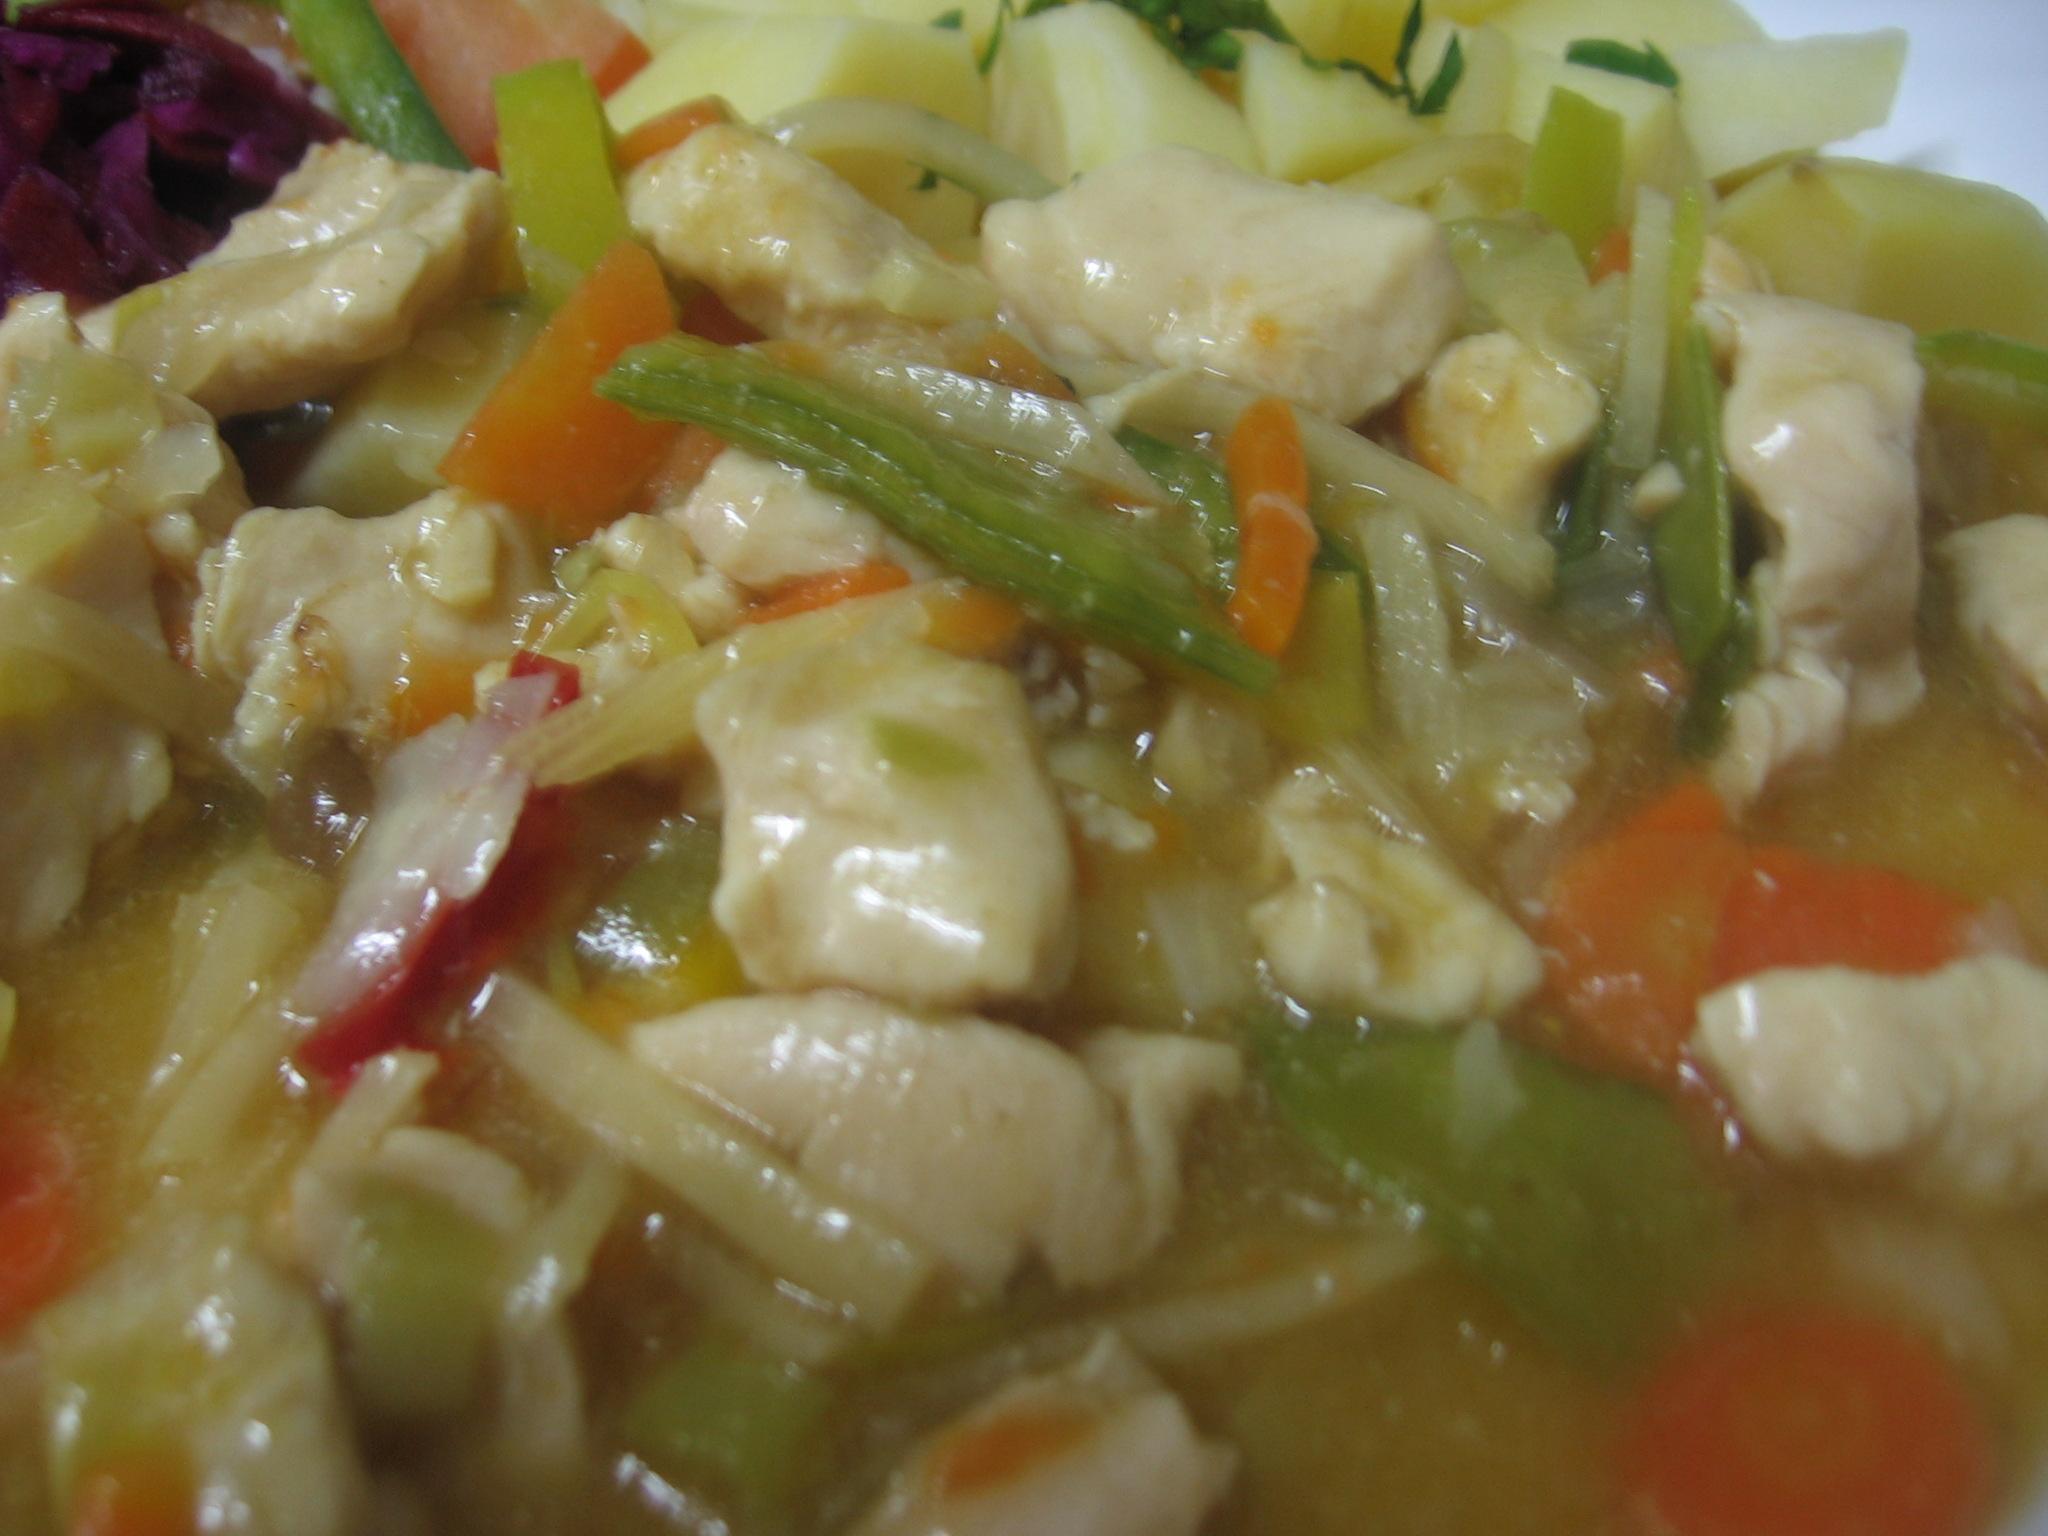 Recept Kuřecí plátky se zeleninou a bambusem - Kuřecí plátky se zeleninou a bambusem